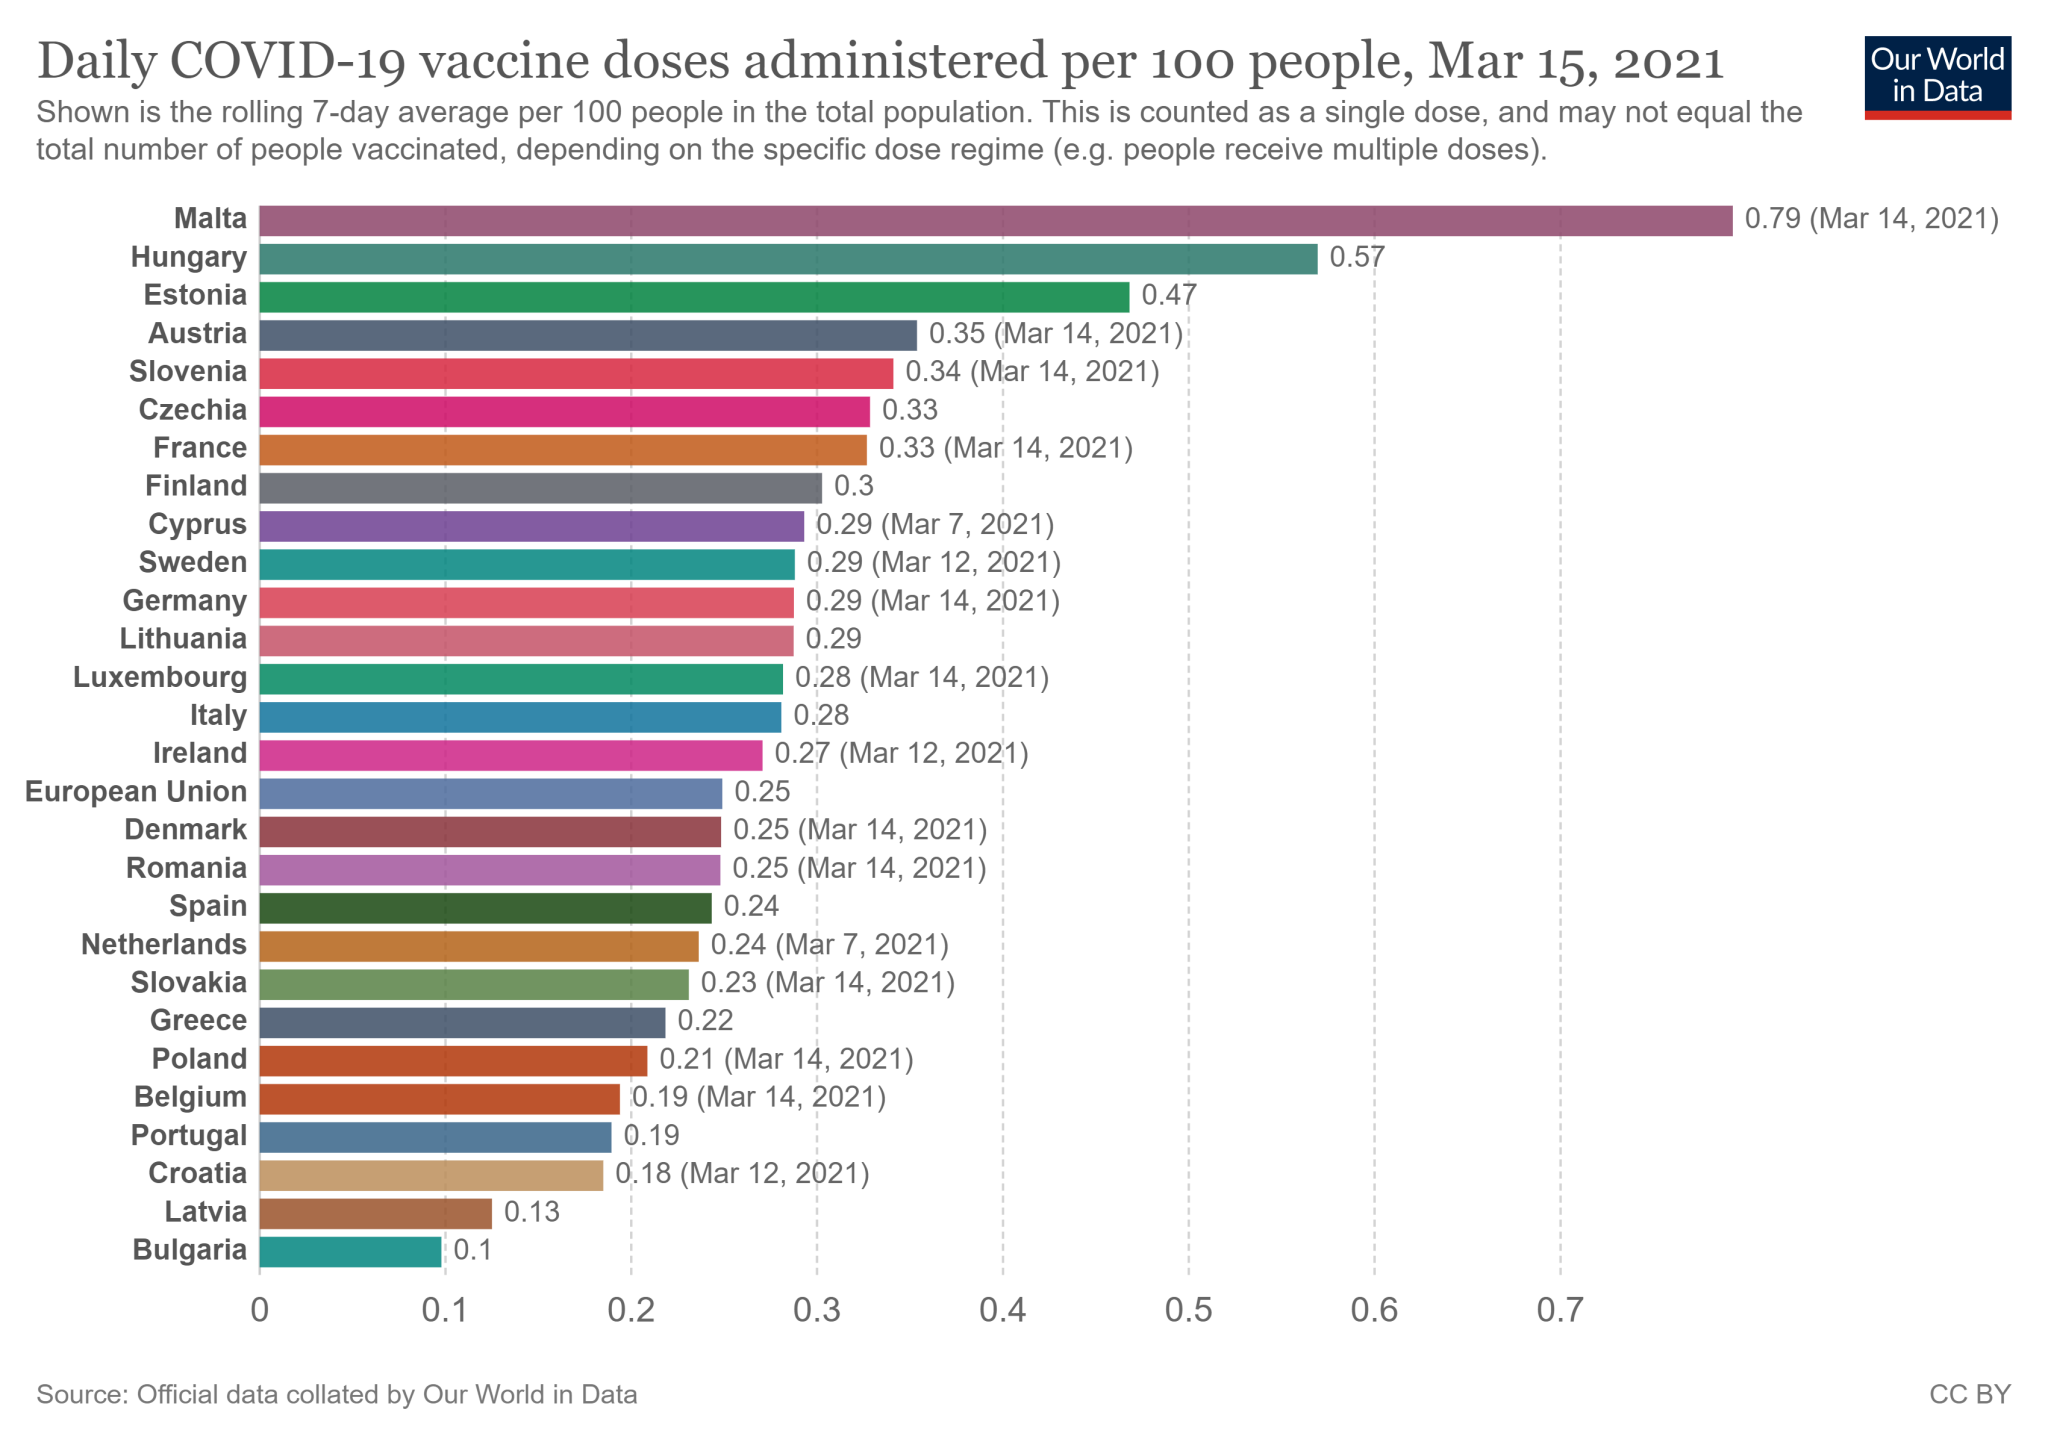 Tygodniowa średnia krocząca wskaźnika zaszczepienia w w 27 państwach Unii Europejskiej - stan na 15 marca 2021